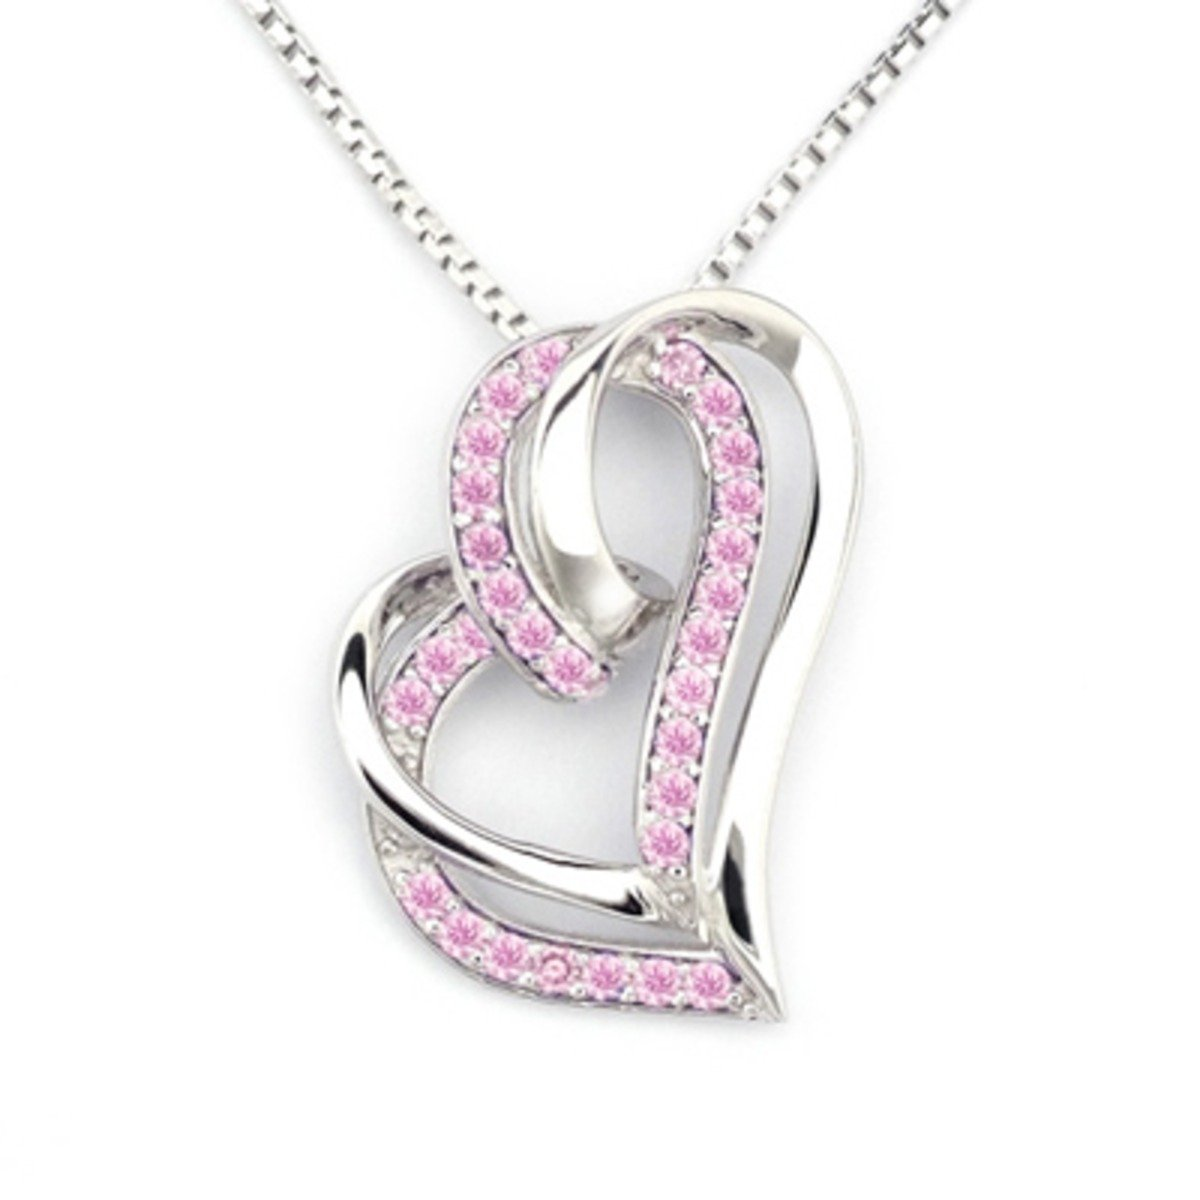 「熱戀甜心」項鏈 - 925 純銀